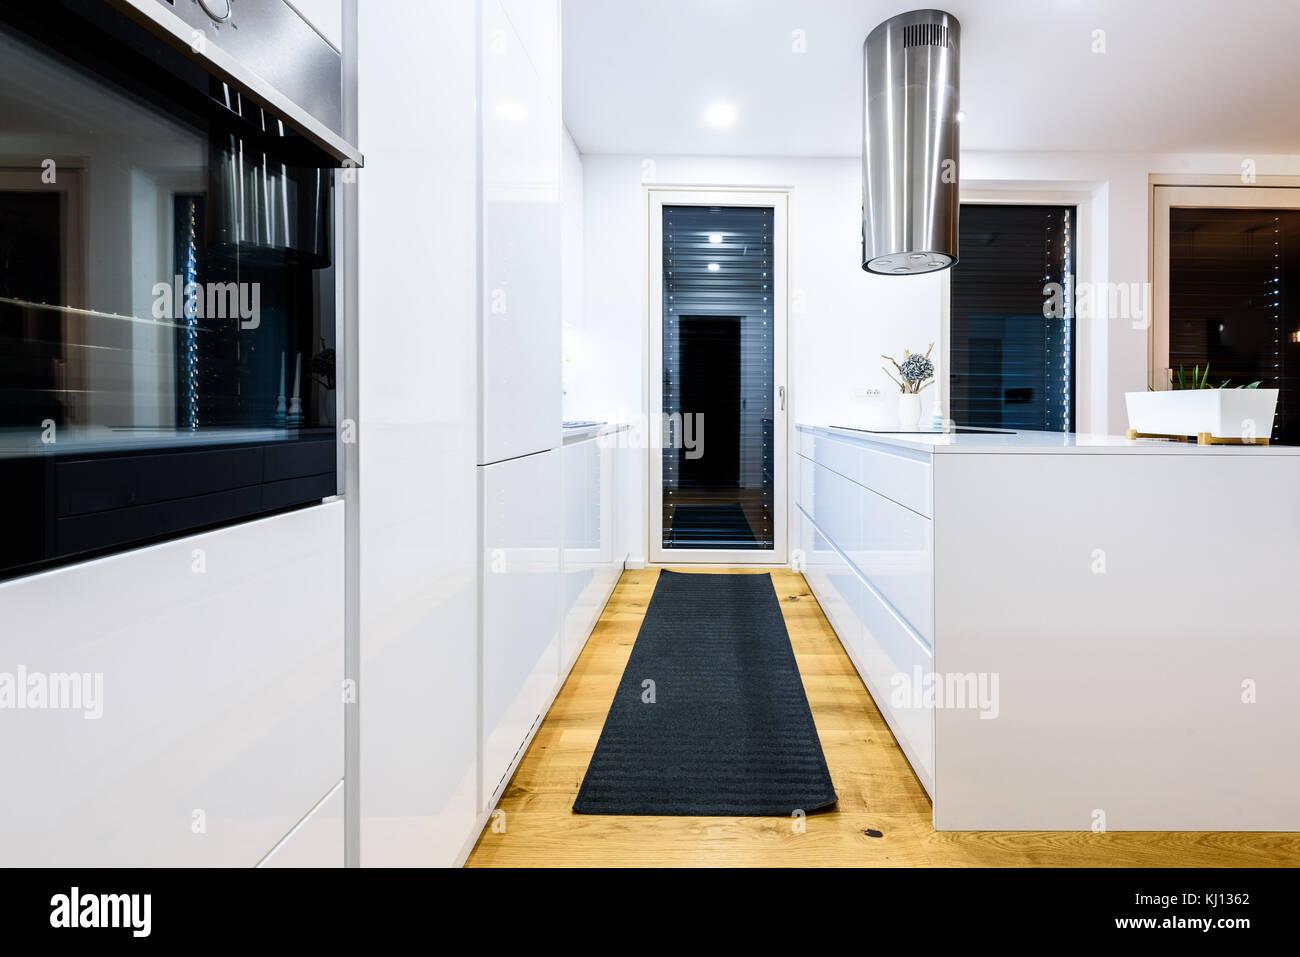 Interior design new modern white kitchen with kitchen appliances ...